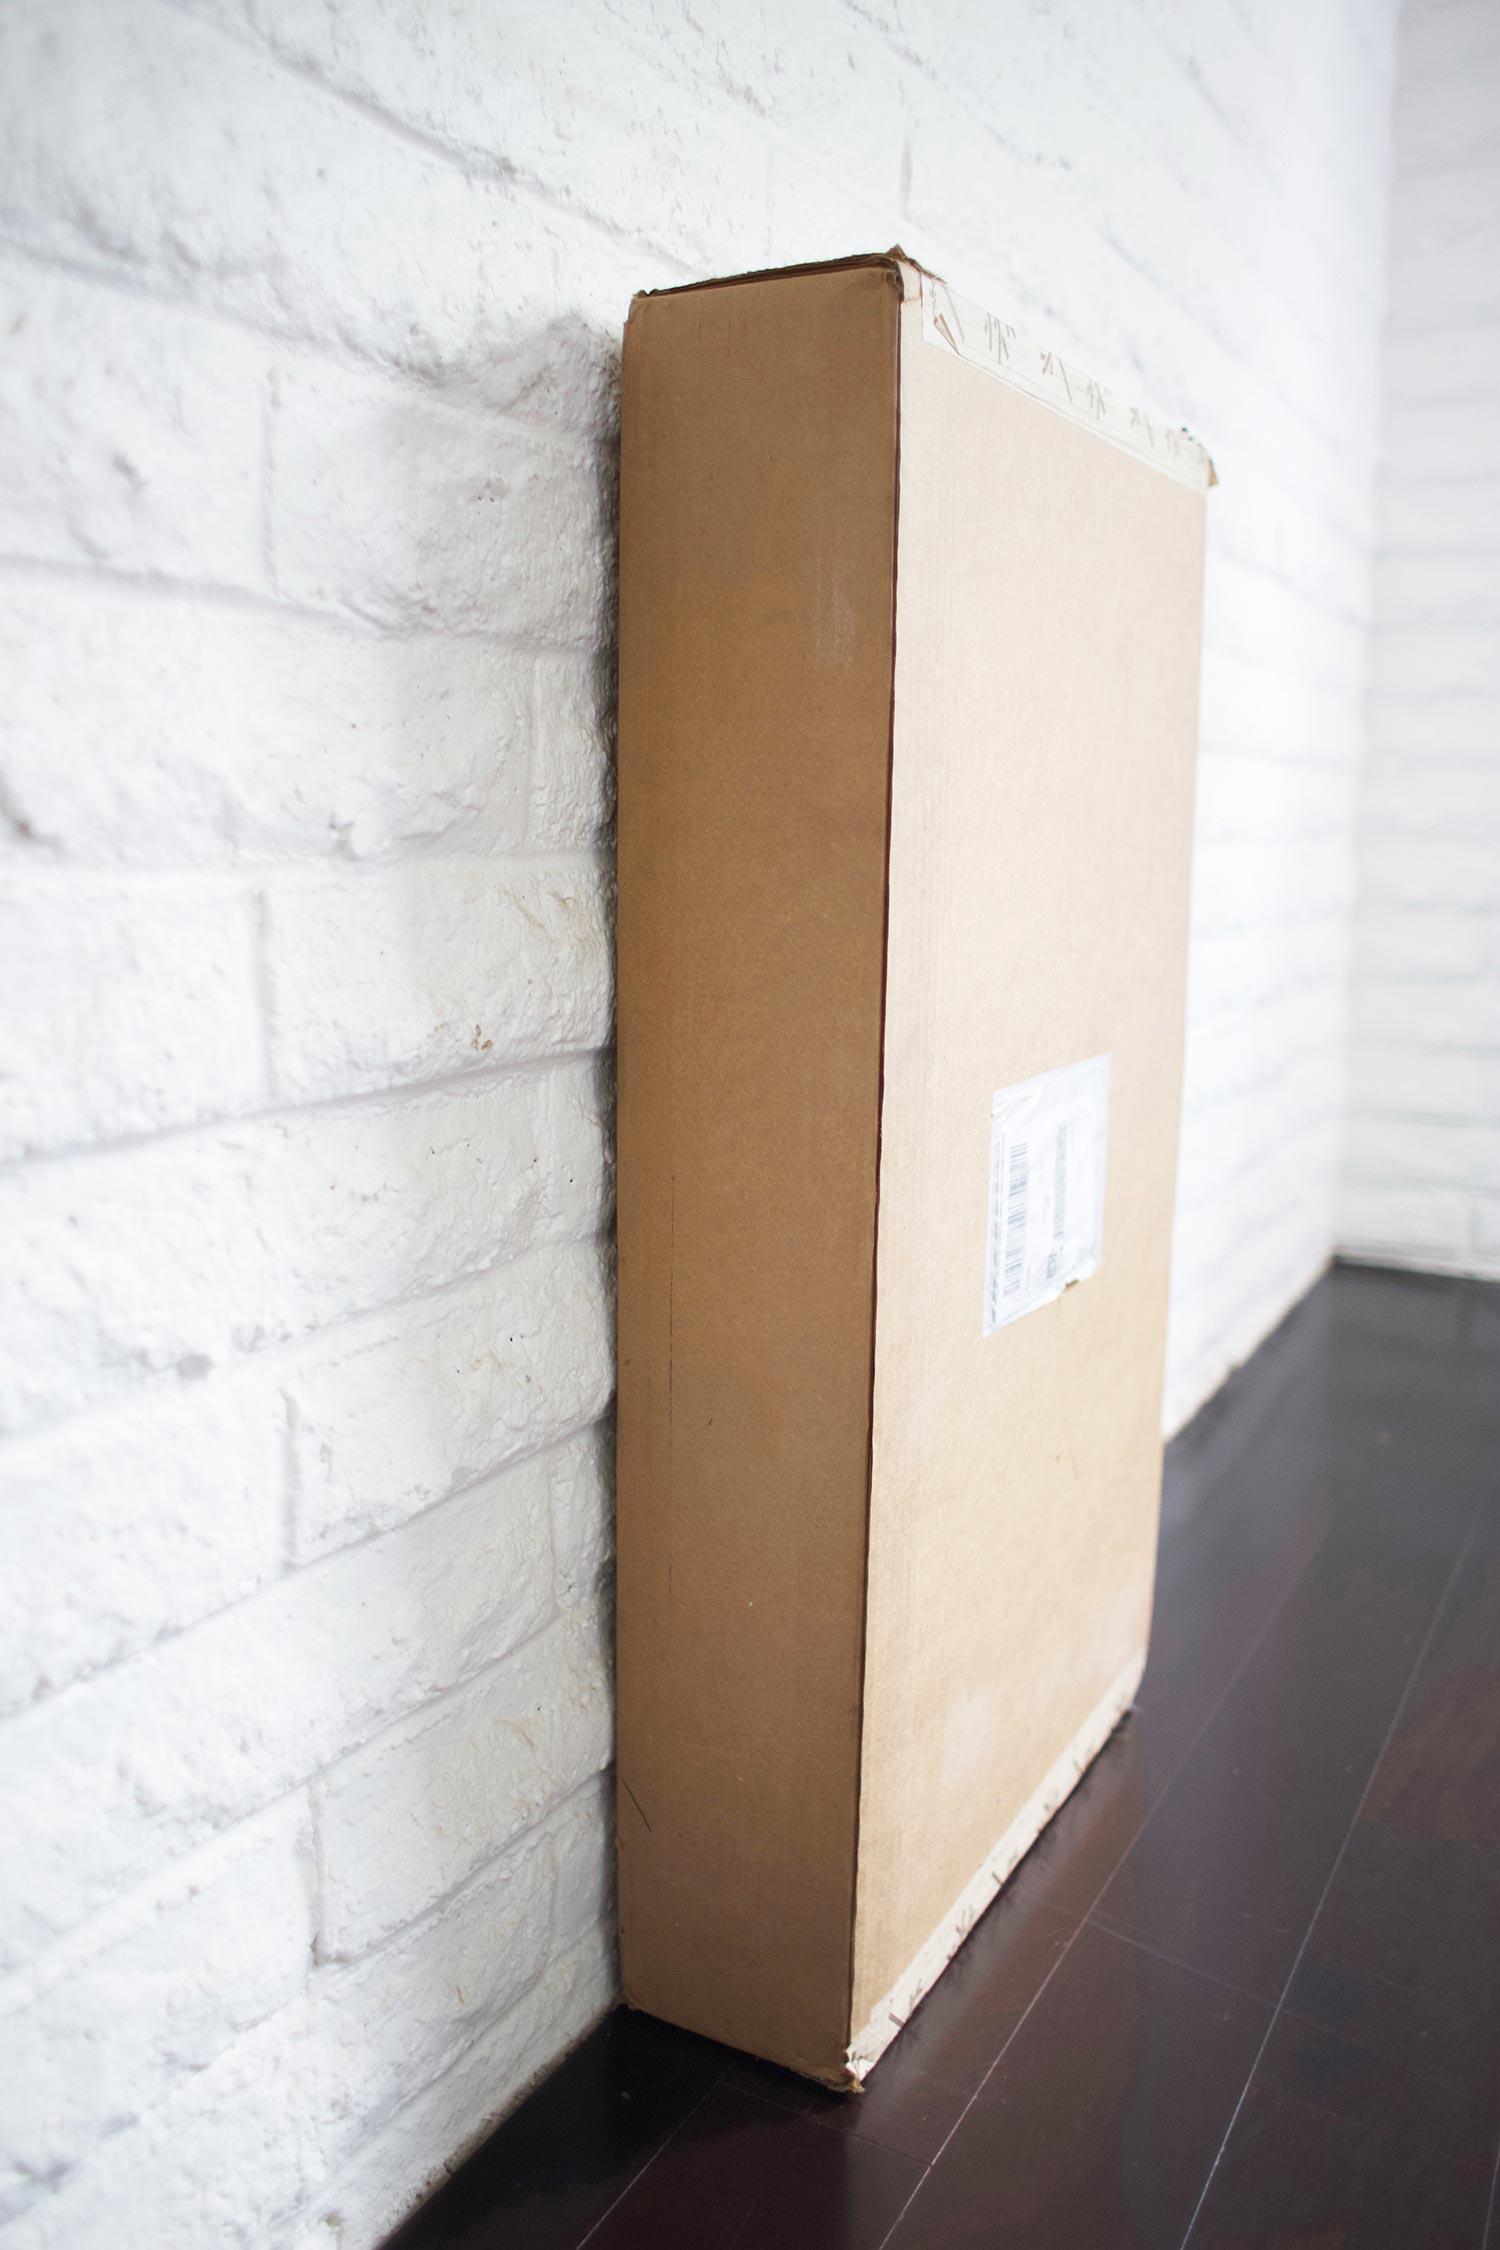 Stikwood Stikit Headboard box